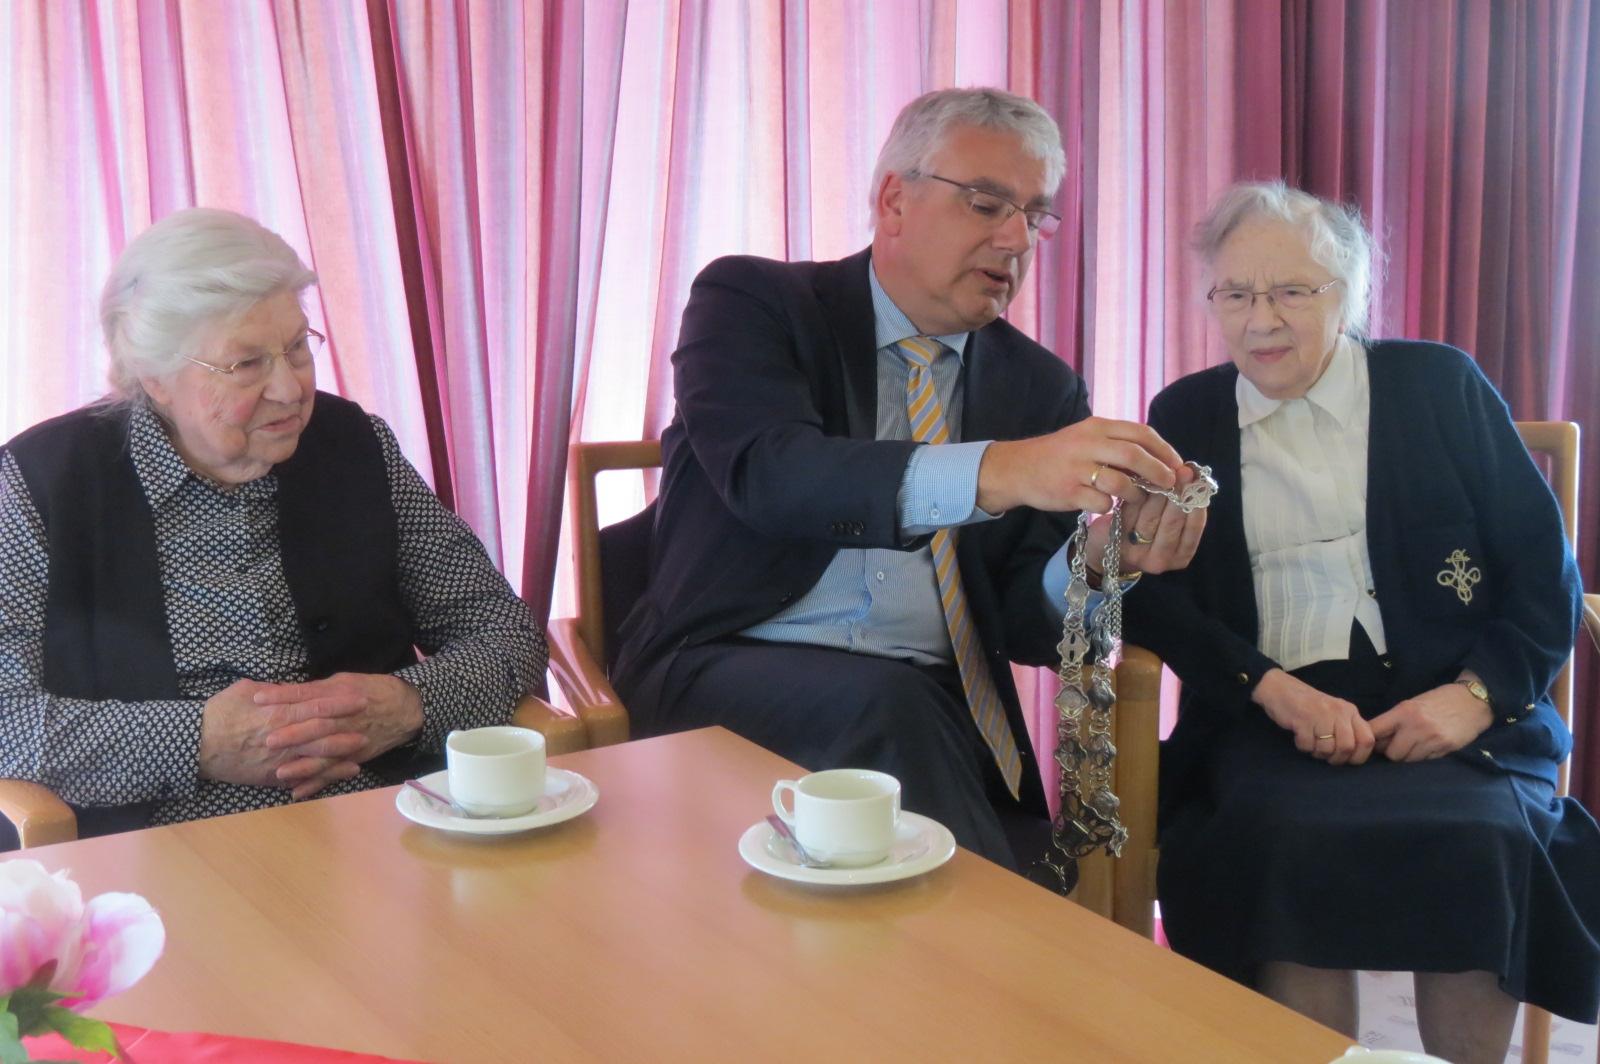 Foto bezoek burgemeester Koen aan d'Amandelhof.jpg